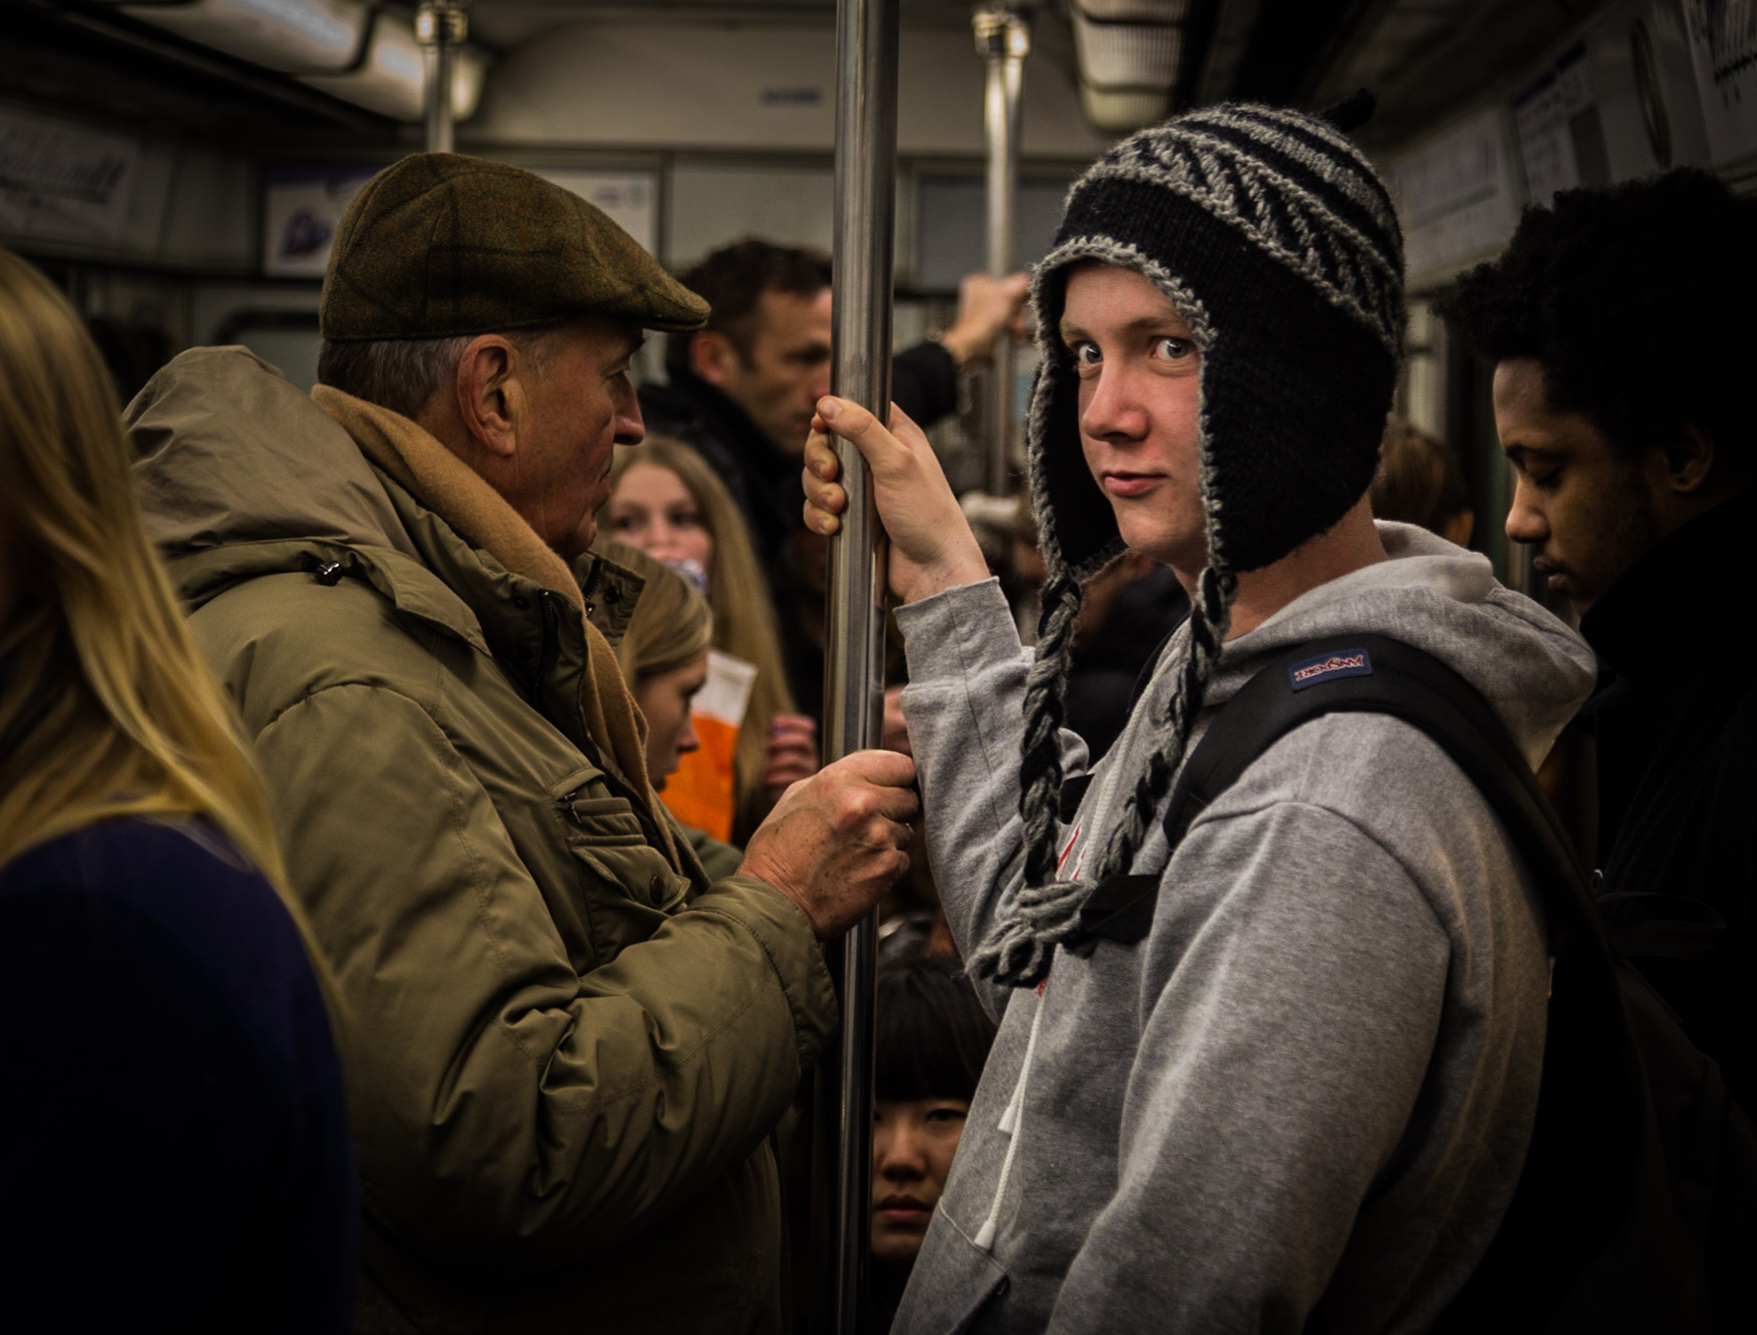 on Le Metro, under Paris France